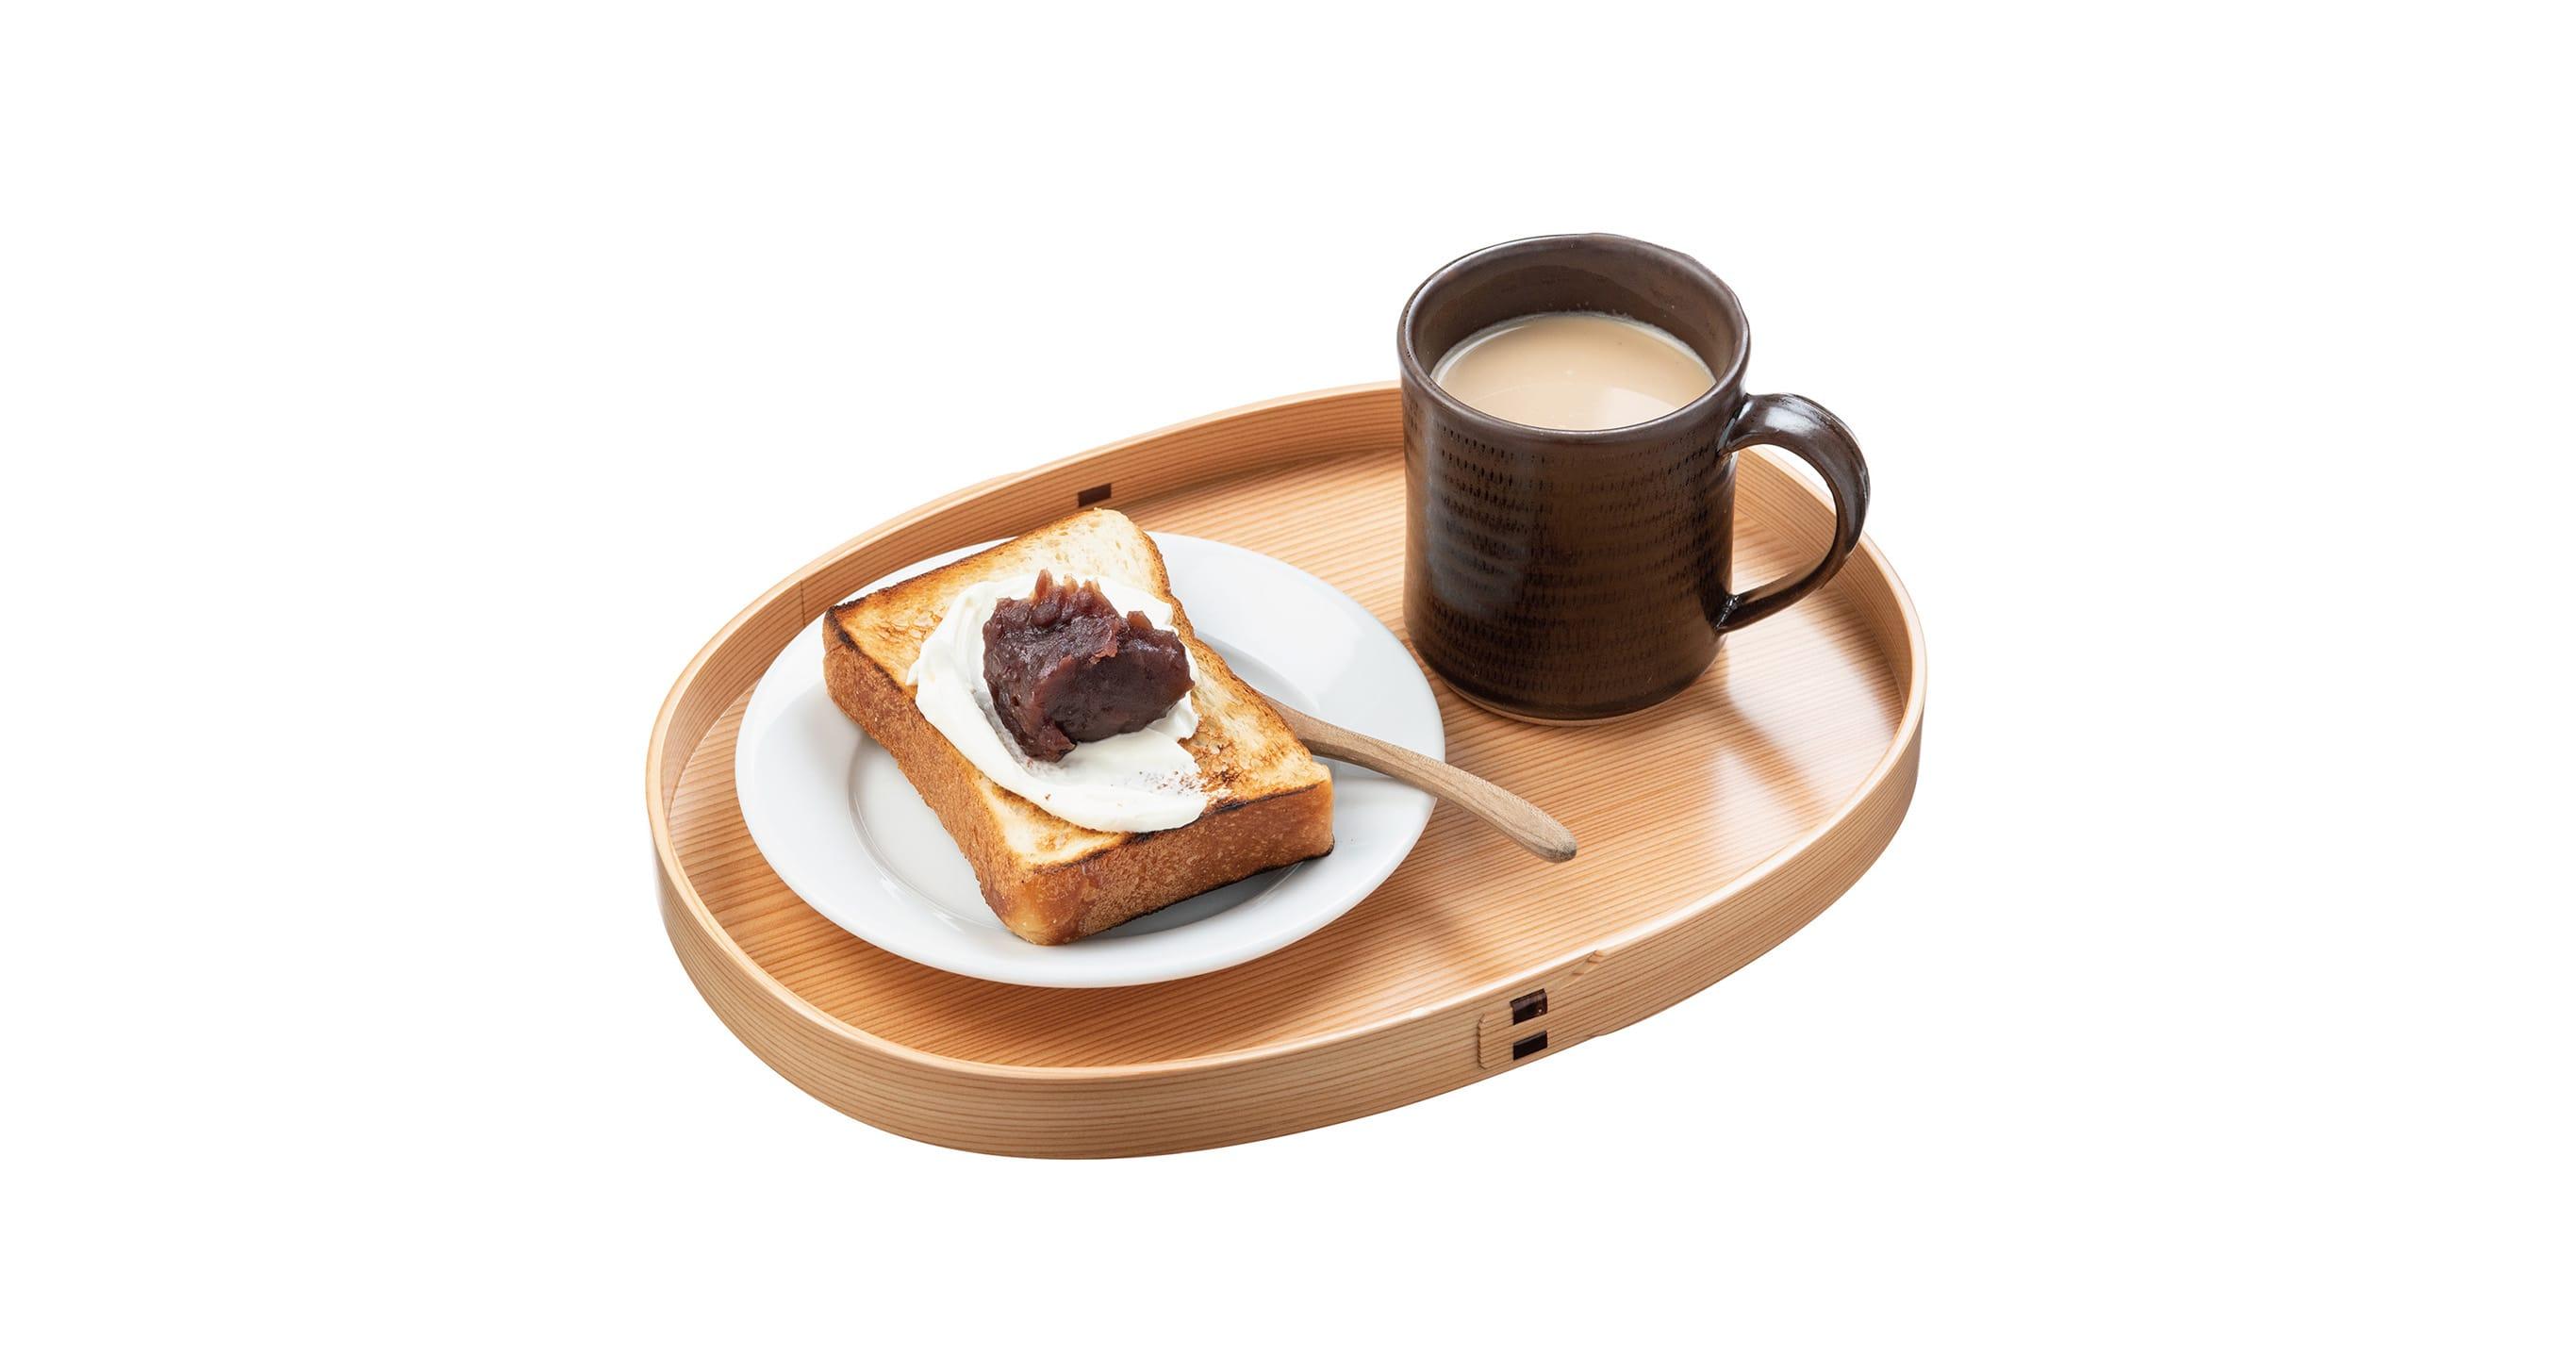 小判形の盆に1人前のあんこトーストと飲み物をのせて朝食やおやつに。